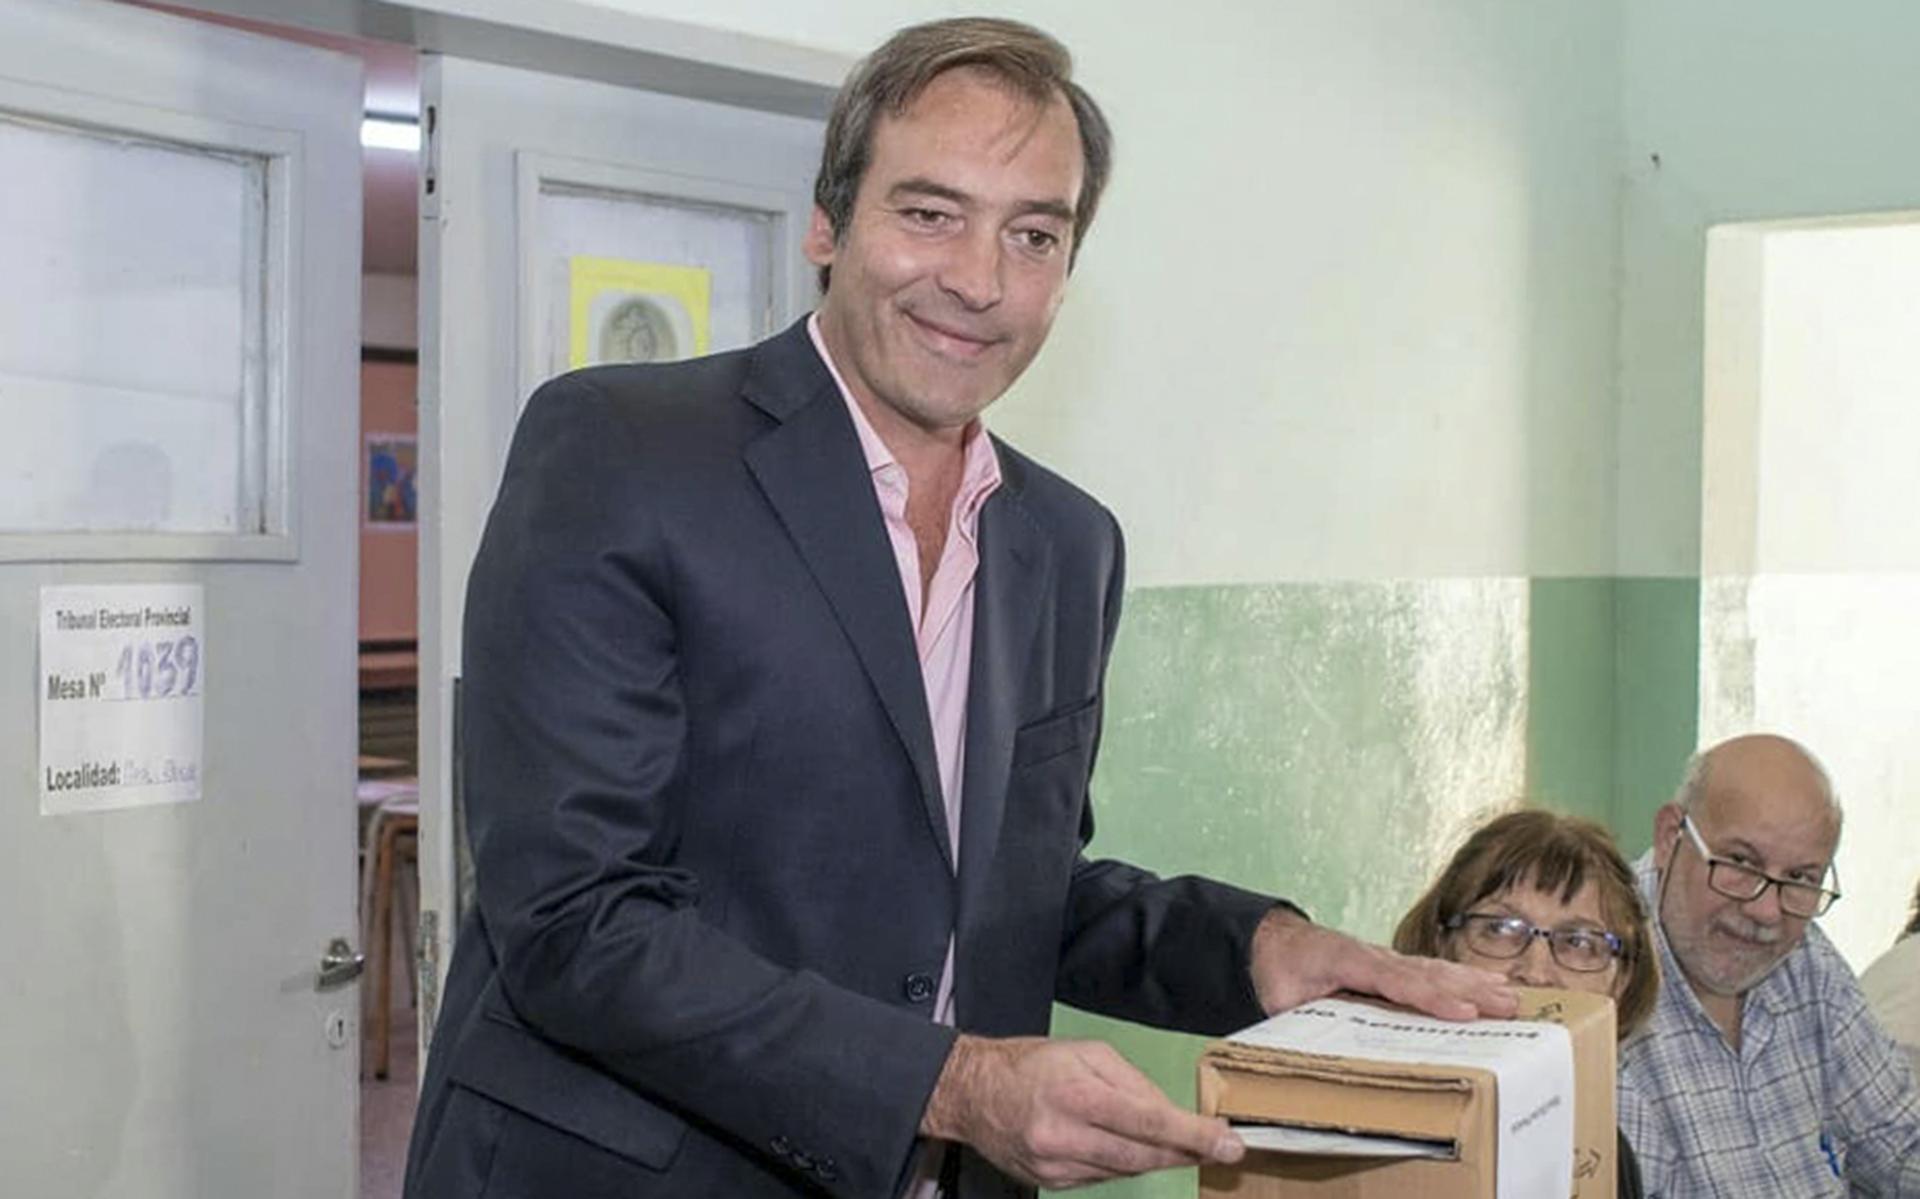 Martín Soria, el candidato del kirchnerismo que perdió en Río Negro